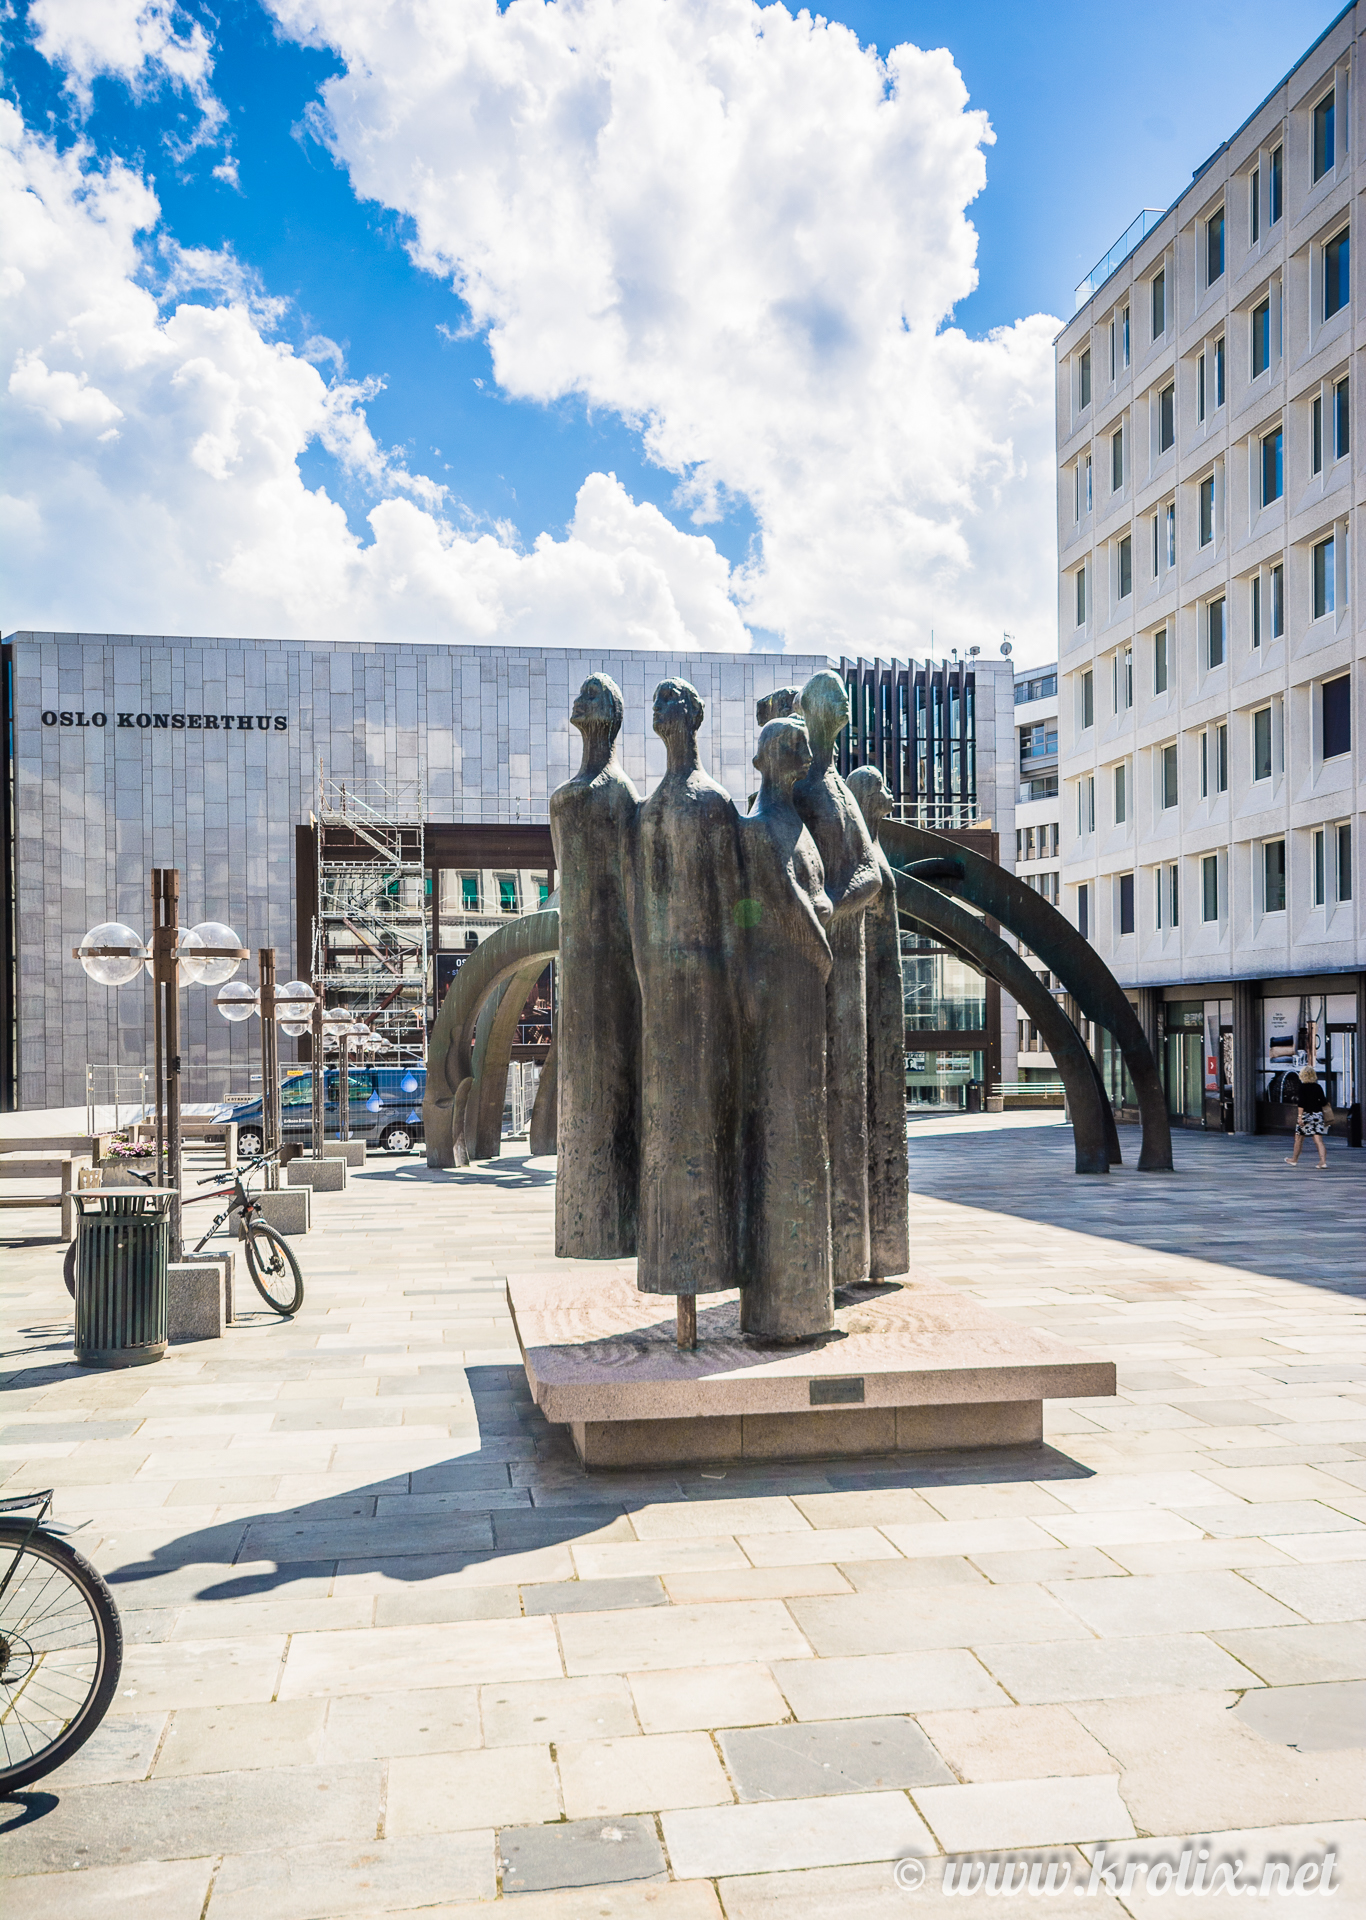 5. Парящие статуи рядом с концертным залом Осло.